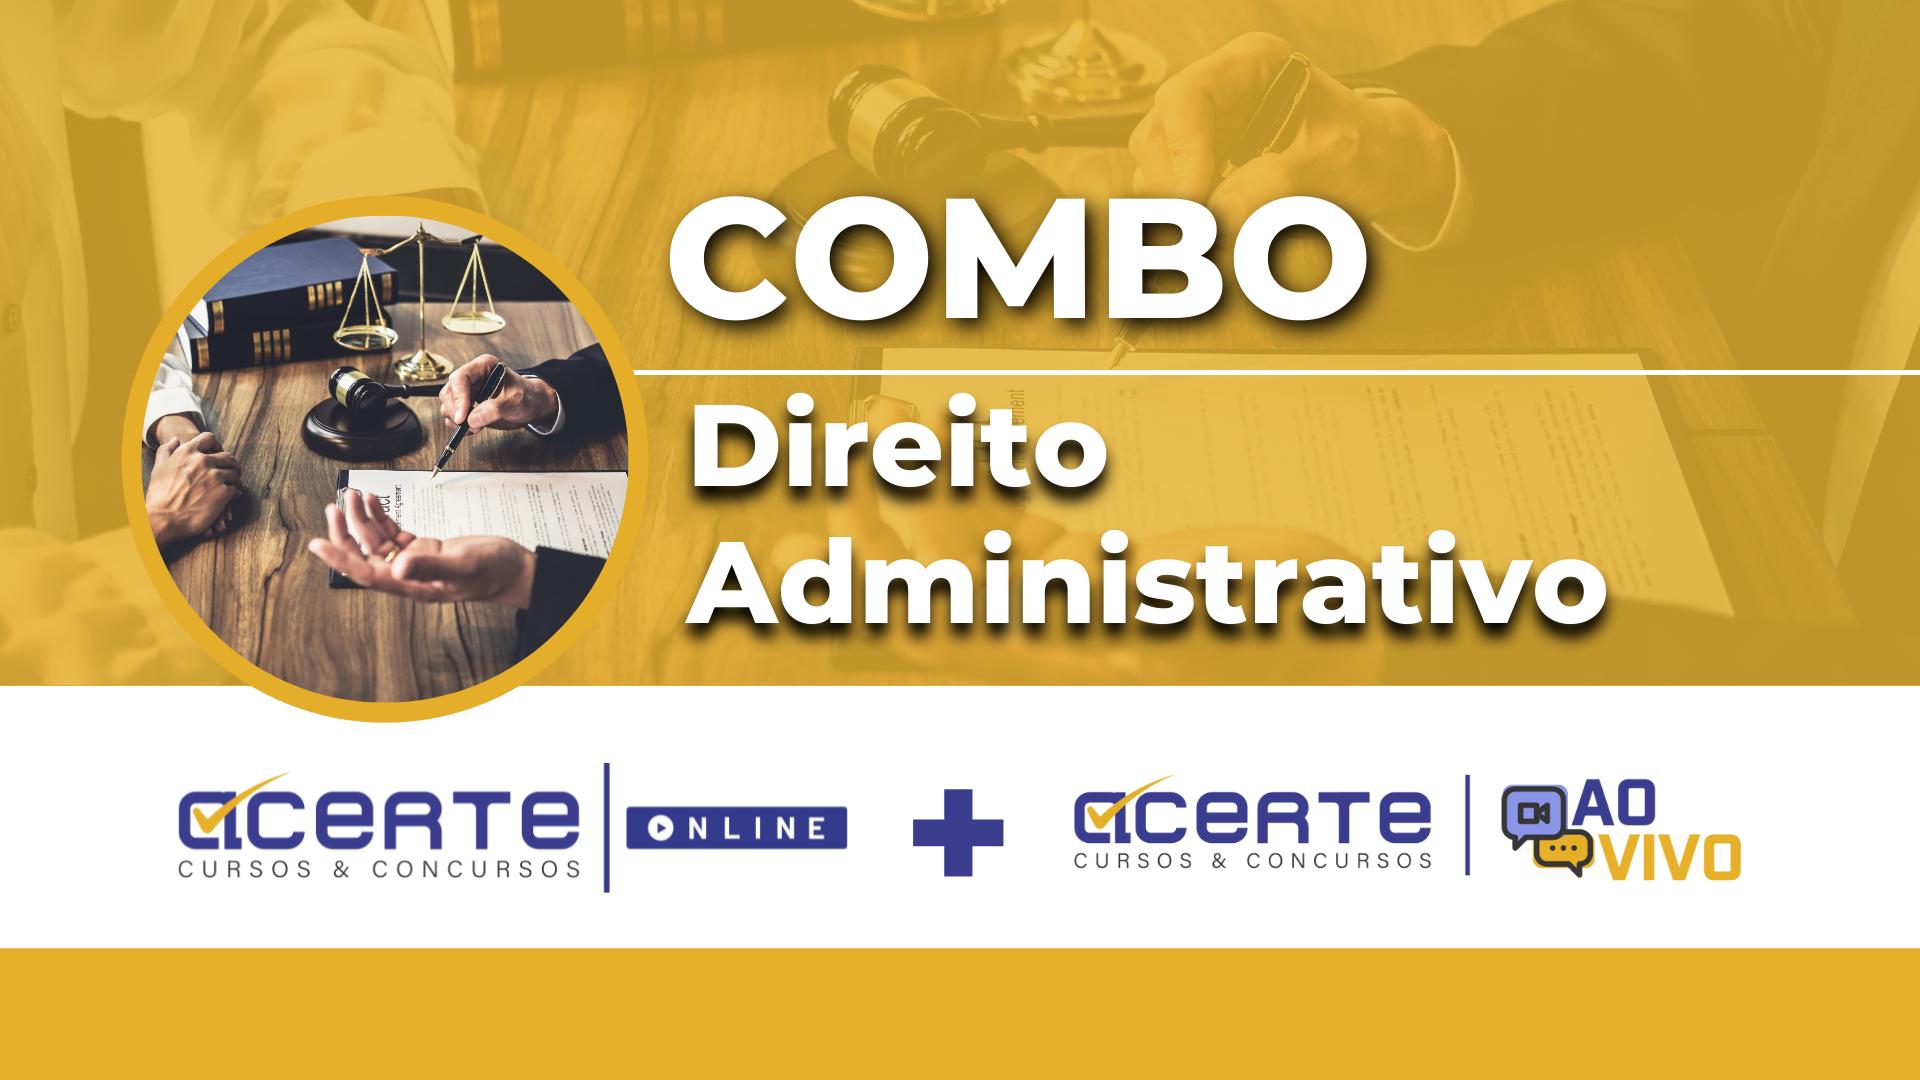 Combo - Direito Administrativo Online + AO VIVO